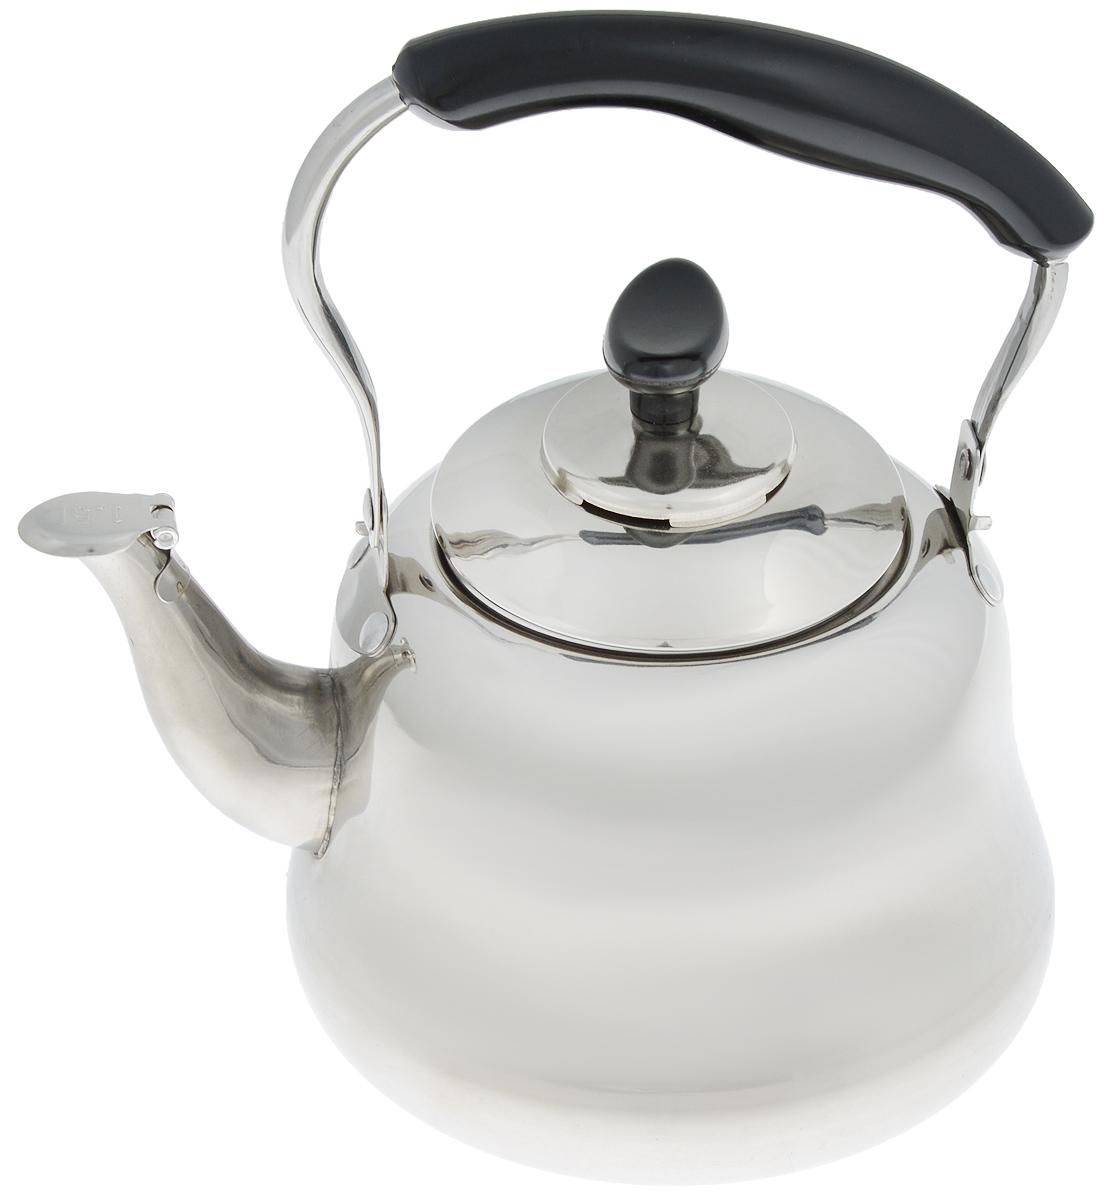 Чайник Mayer & Boch, со свистком и фильтром, 1,5 л. 2351223512Чайник Mayer & Boch изготовлен из высококачественнойнержавеющей стали. Он оснащен подвижной ручкой из стали сбакелитовой накладкой, что делает использование чайника оченьудобным и безопасным. Крышка снабжена свистком, позволяяконтролировать процесс подогрева или кипячения воды.Также имеется фильтр из нержавеющей стали. Эстетичный и функциональный чайникбудет оригинально смотреться в любом интерьере. Подходит для электрических, газовых и стеклокерамических плит. Можно мыть впосудомоечной машине.Высота чайника (без учета ручки и крышки): 11 см.Высота чайника (с учетом ручки и крышки): 21 см.Диаметр чайника (по верхнему краю): 9 см.